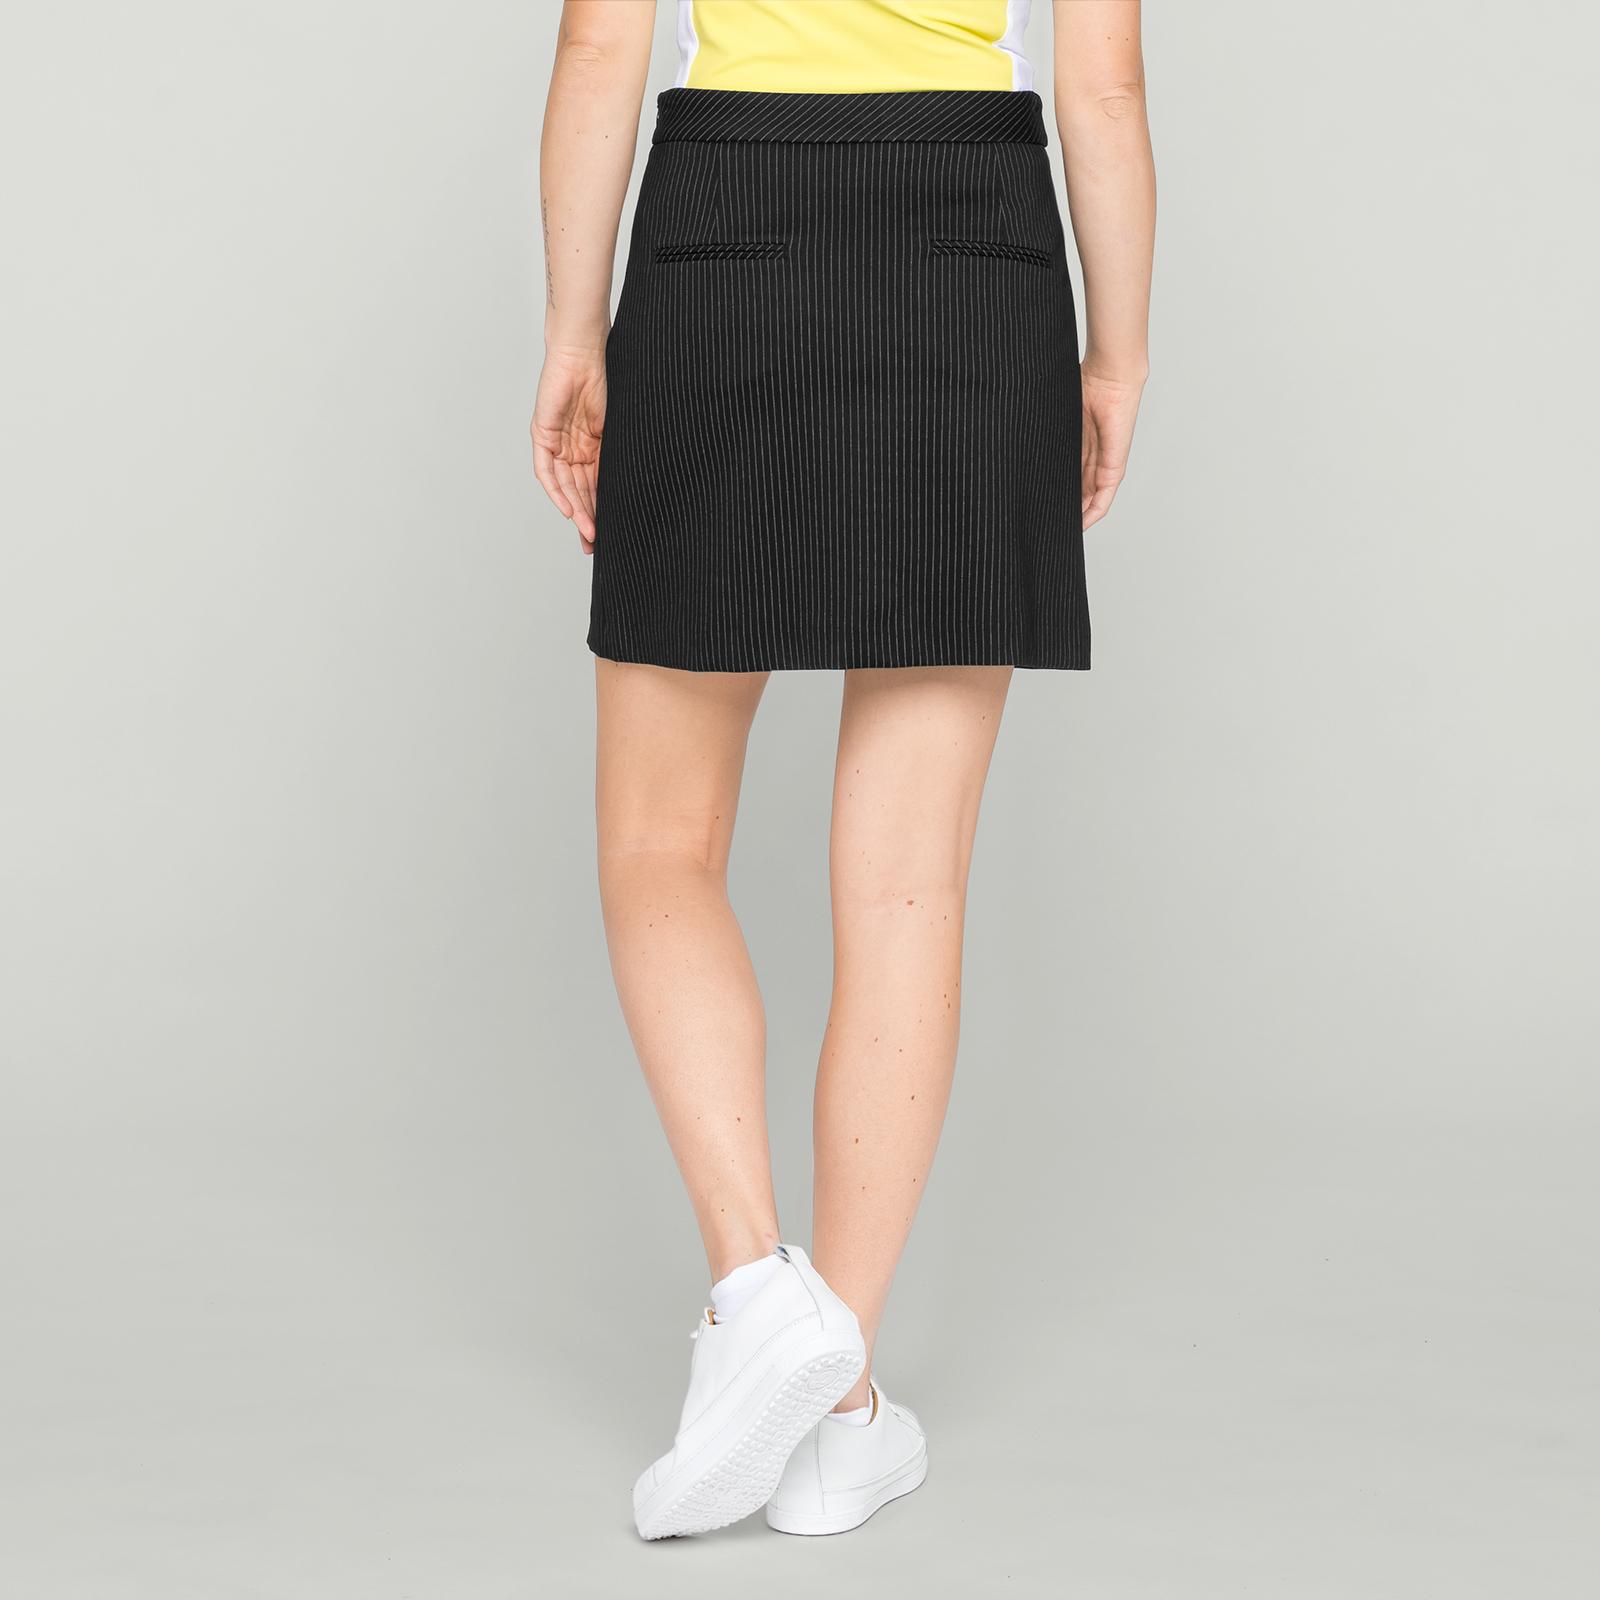 Damen Golf Skort mit innenliegenden Shorts